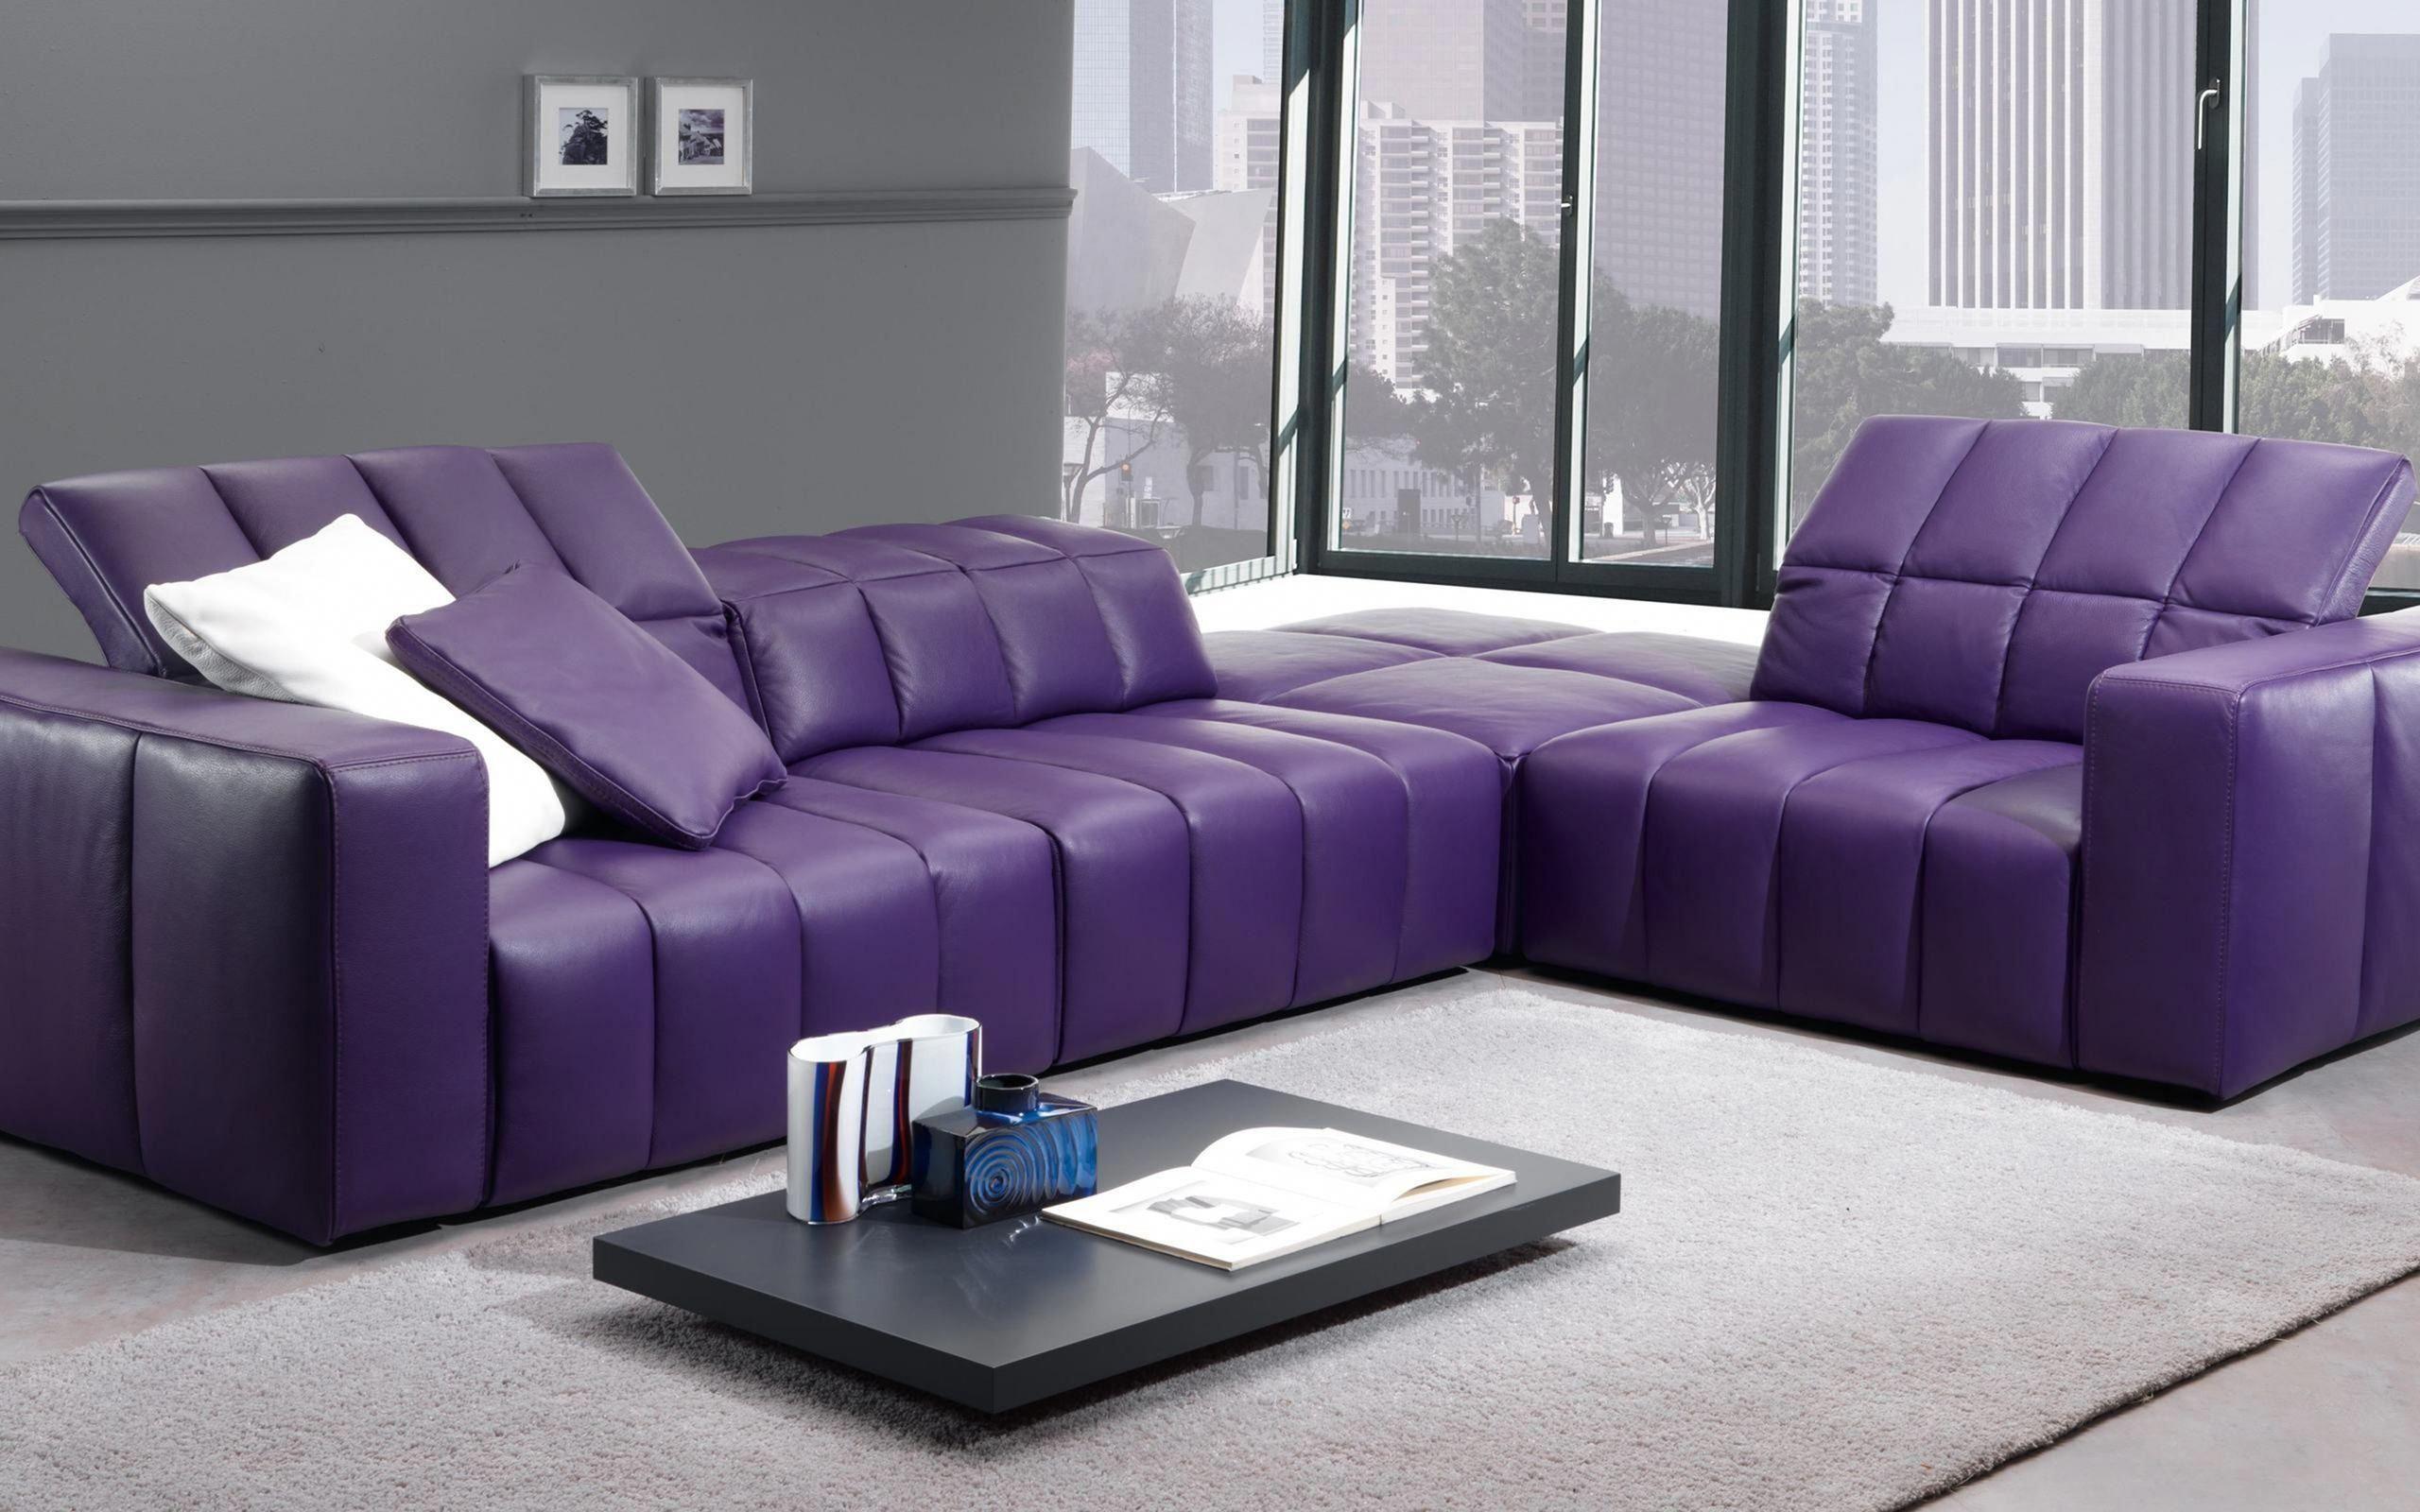 10 Superb Corner Sofa Patio Set Corner Sofa Sectional Furnitureterbaru Furniturejakarta Cornersofa Dizajn Divana Dizajn Mebeli Stili Dlya Gostinyh Komnat